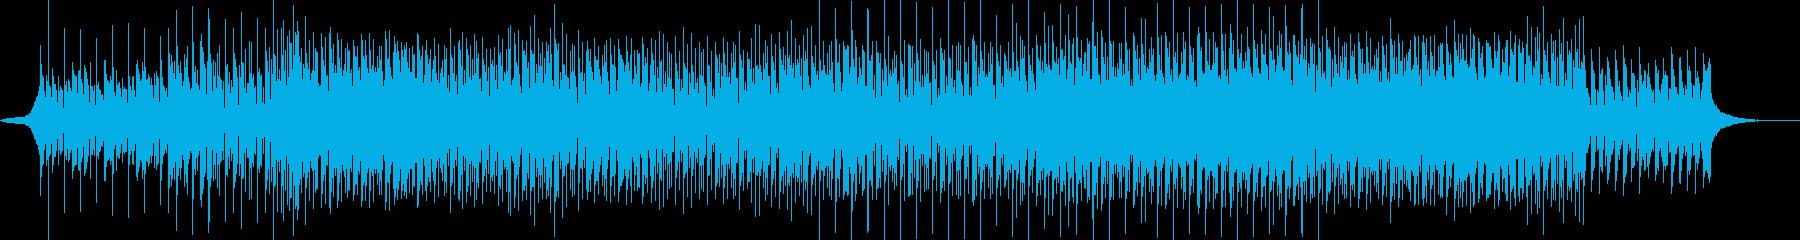 シンセをメインに用いた暗い雰囲気のハウスの再生済みの波形